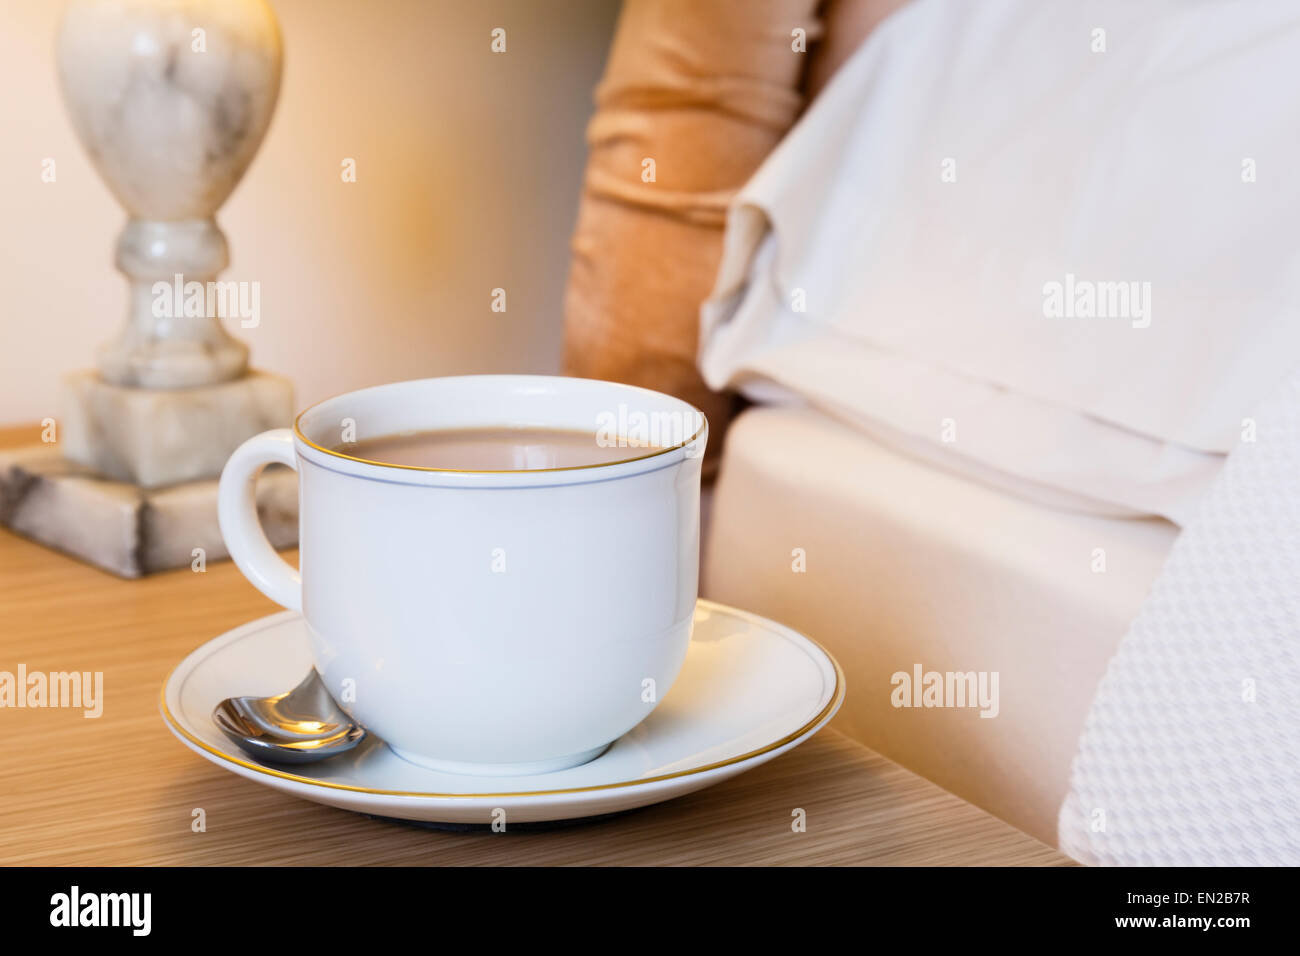 Tasse de thé anglais sur une table de chevet à côté d'un lit. Vie de tous les jours. Angleterre Photo Stock